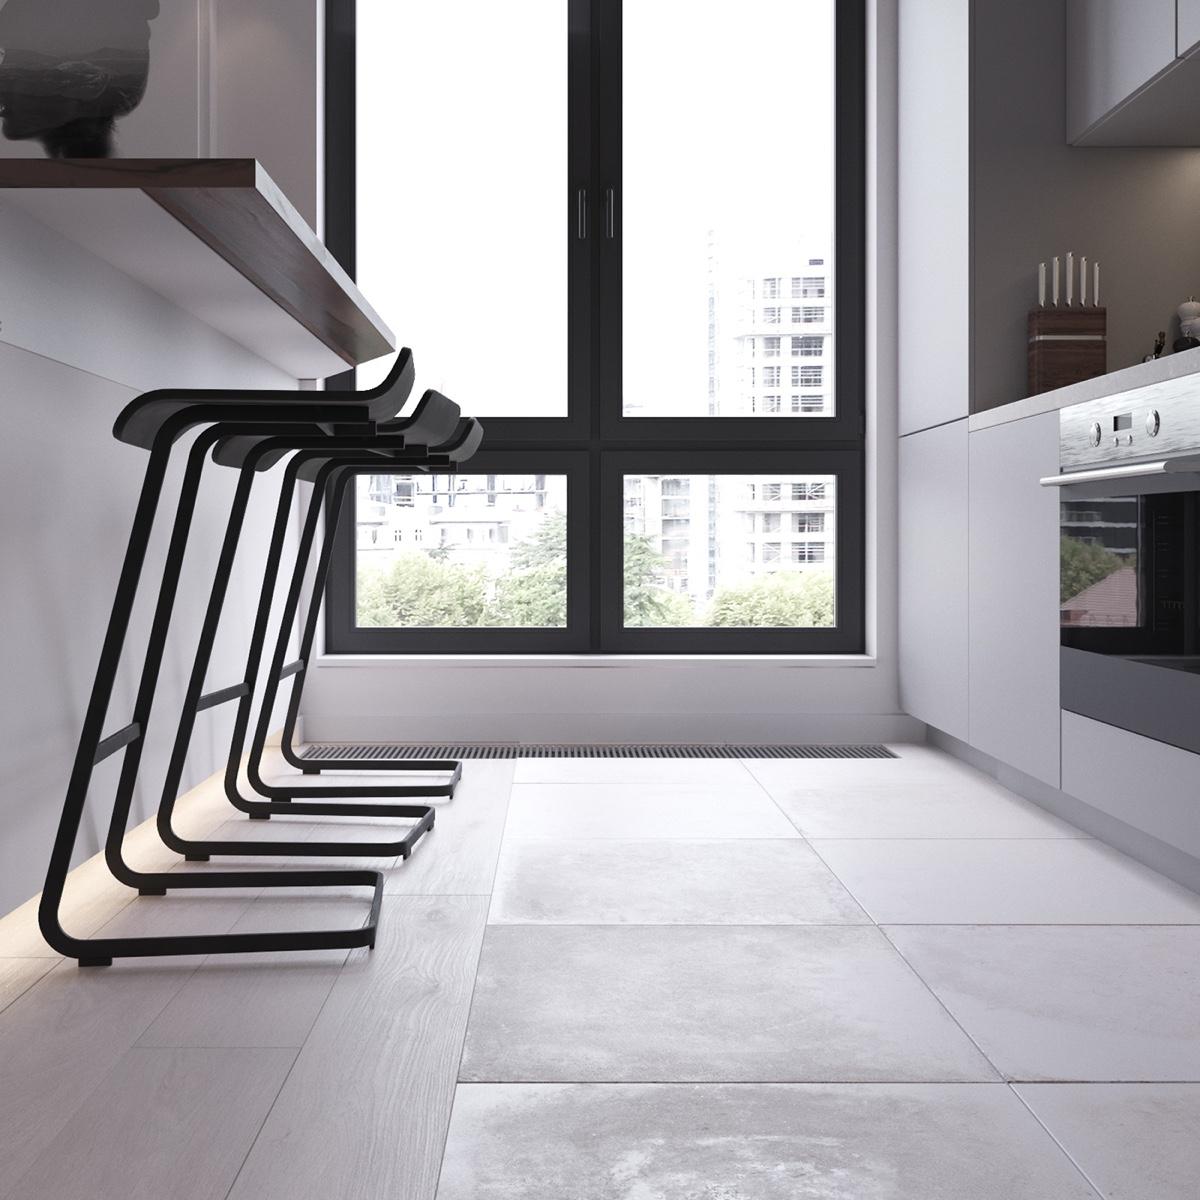 Thích mê 3 căn hộ hiện đại với diện tích khiêm tốn dưới 50m2 - Ảnh 18.